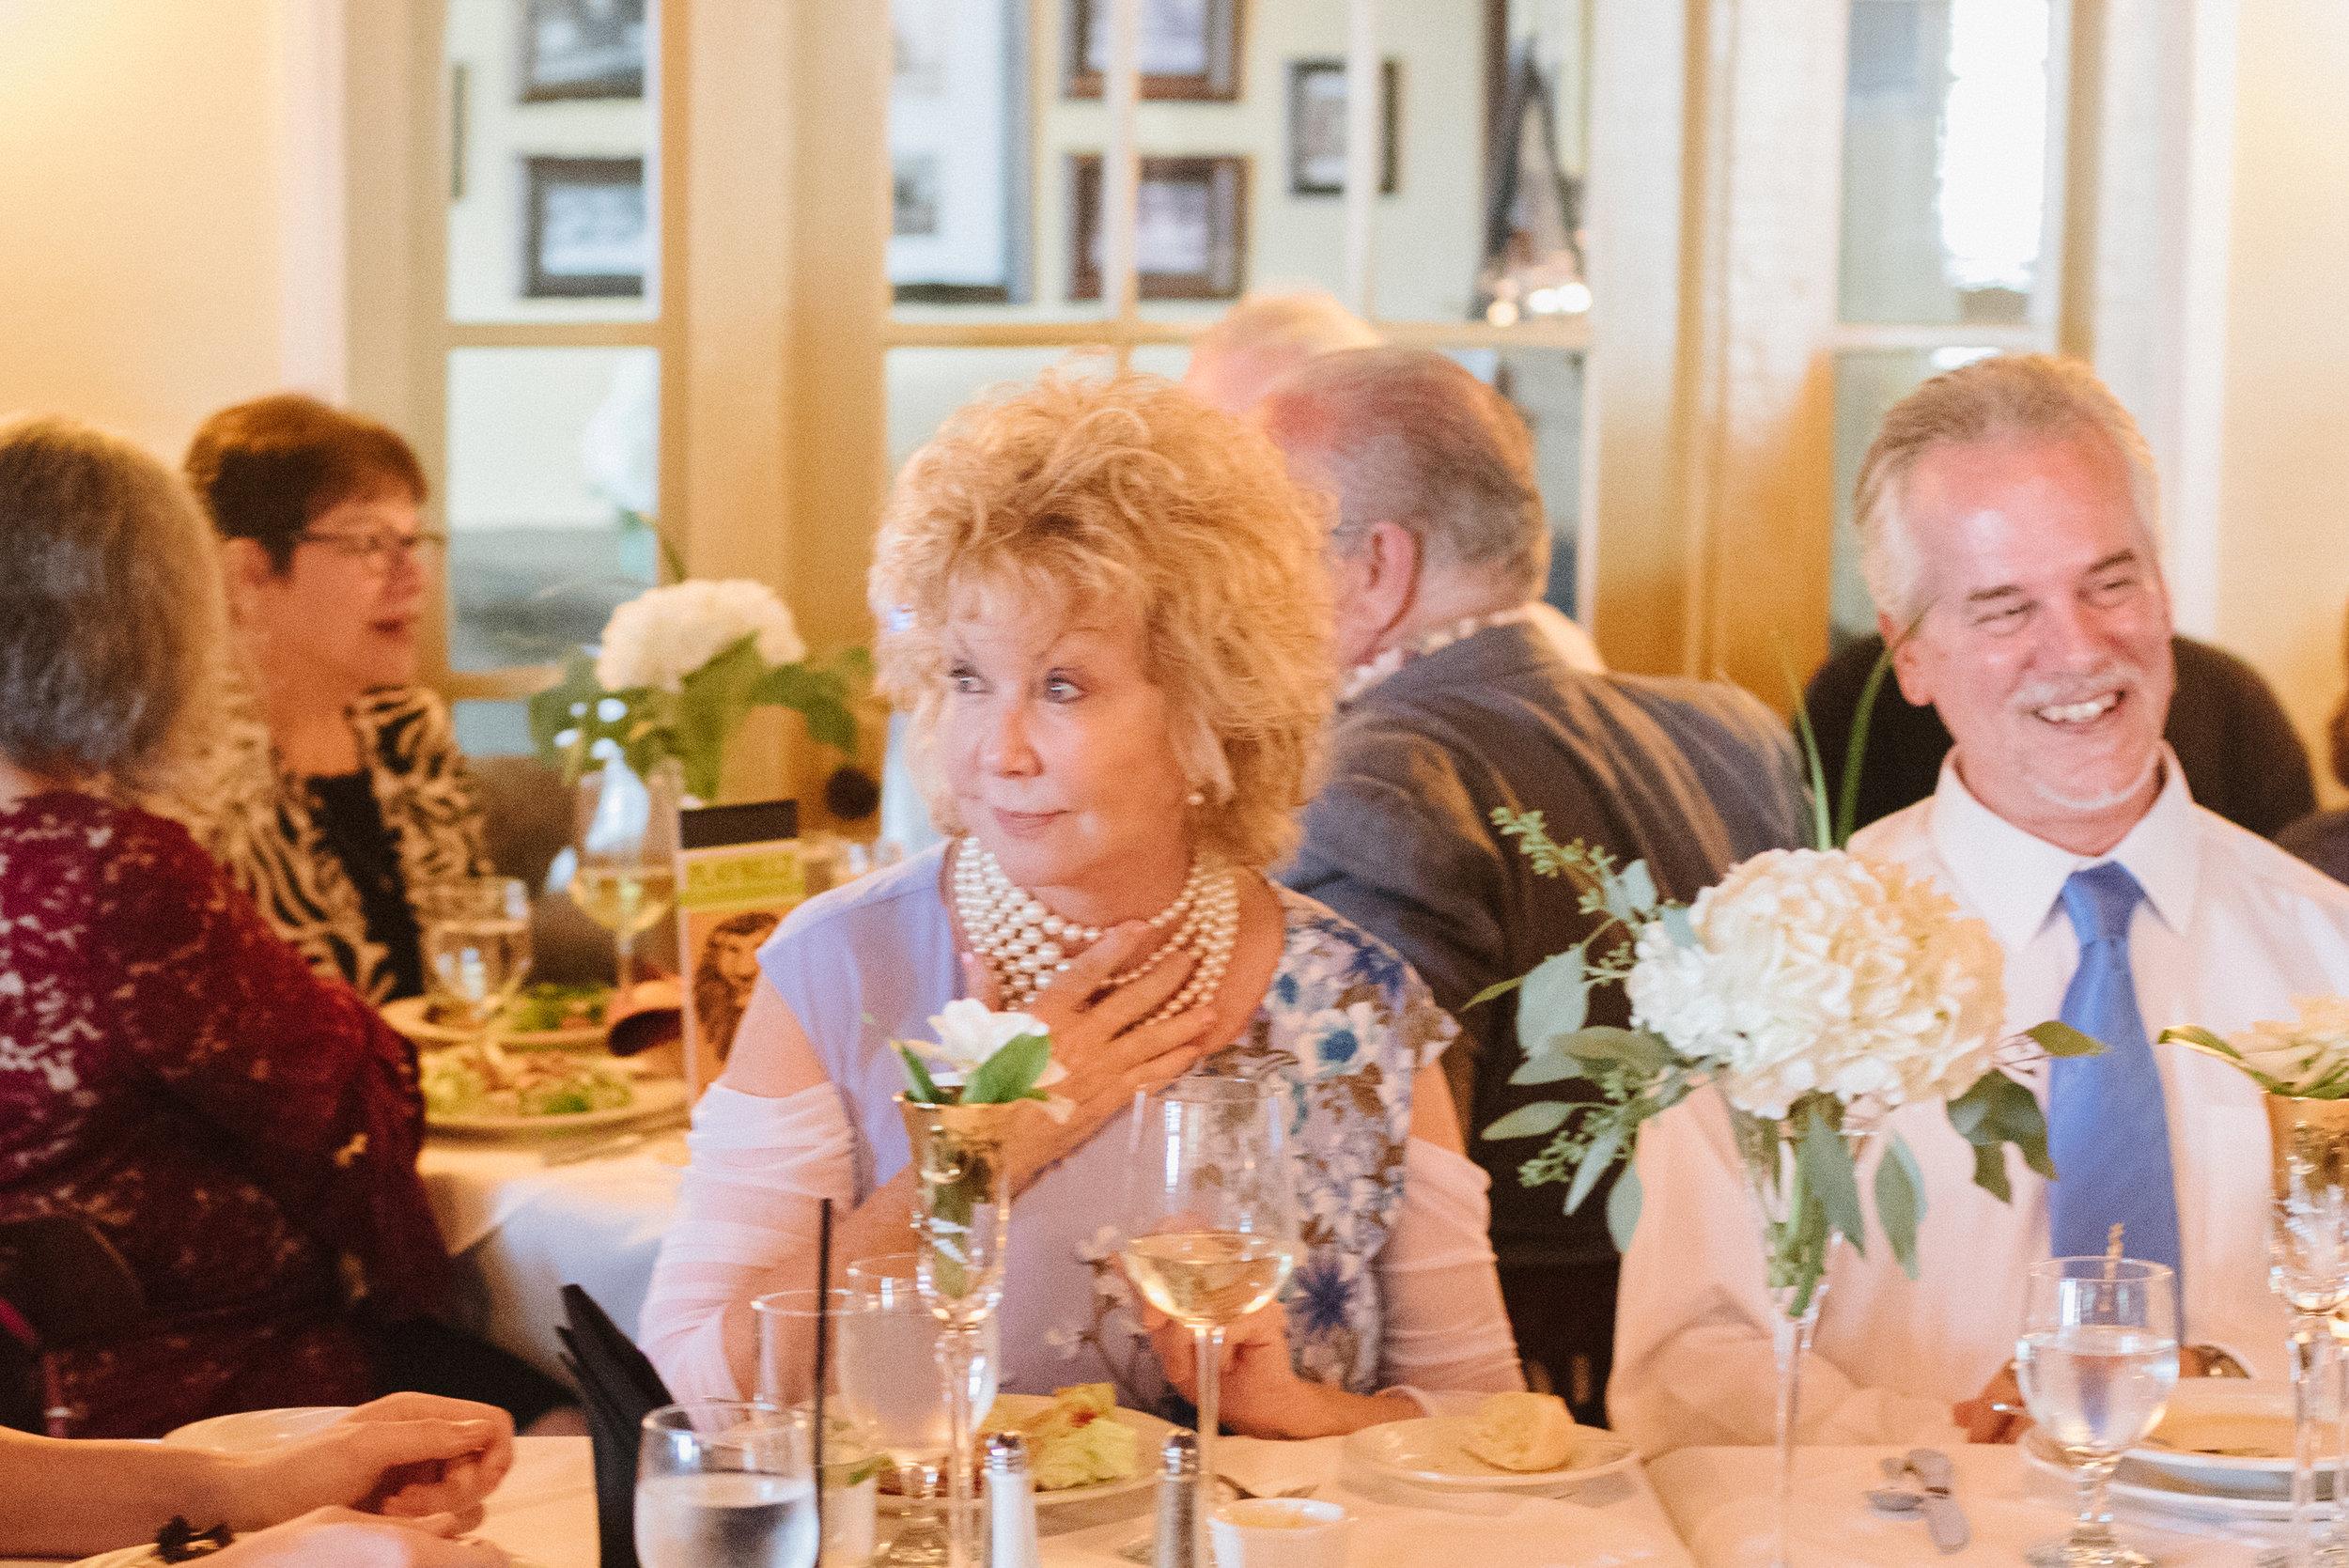 westlawn wedding reception-79.jpg